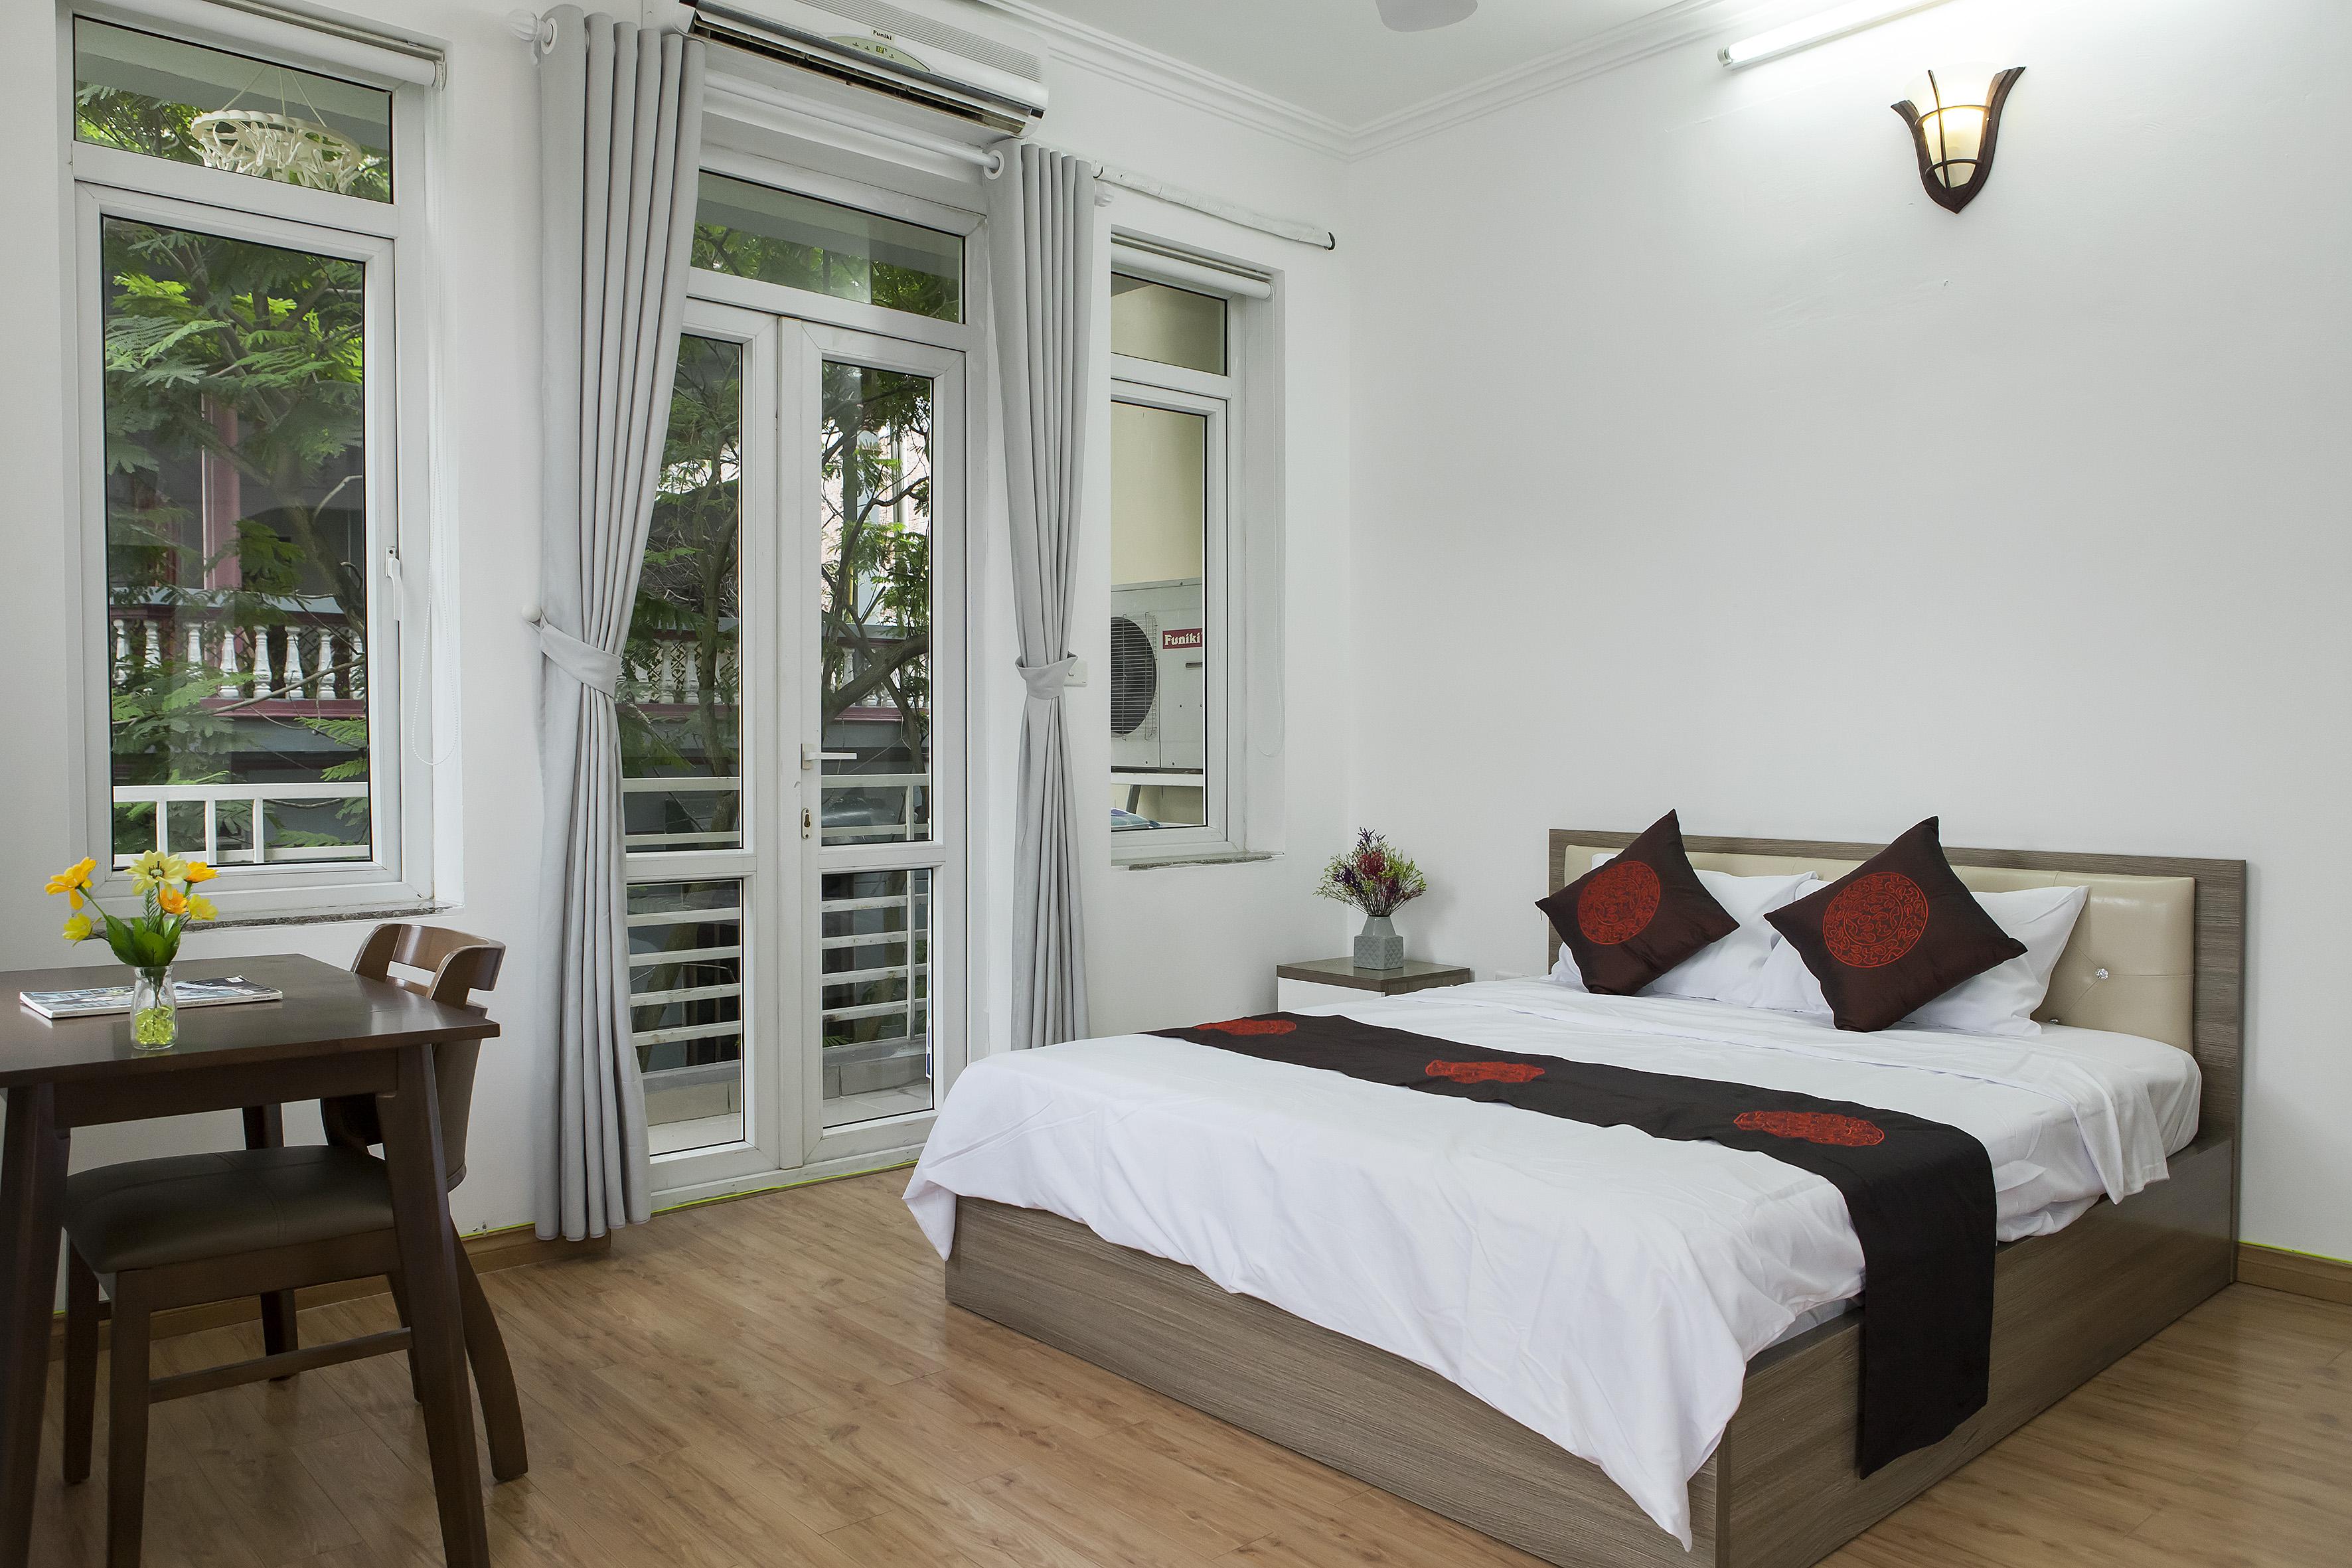 Cho thuê căn hộ gần hồ Trúc Bạch, quận Ba Đình